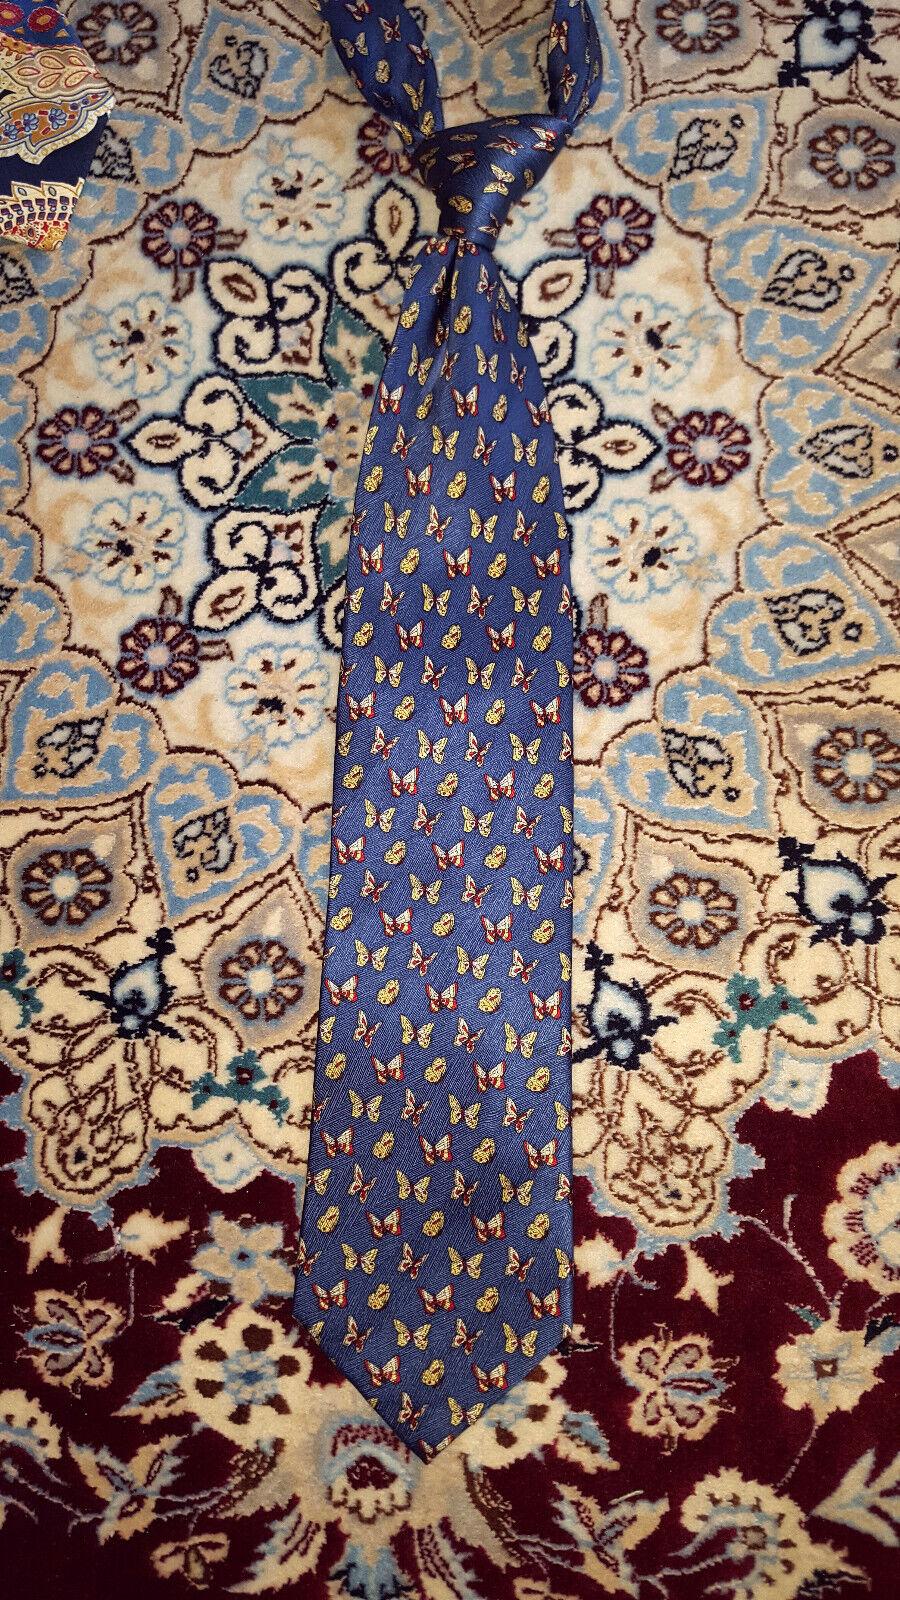 Mens Tie, Tom Harrison, s Modern, blue, with Butterflies, MINT